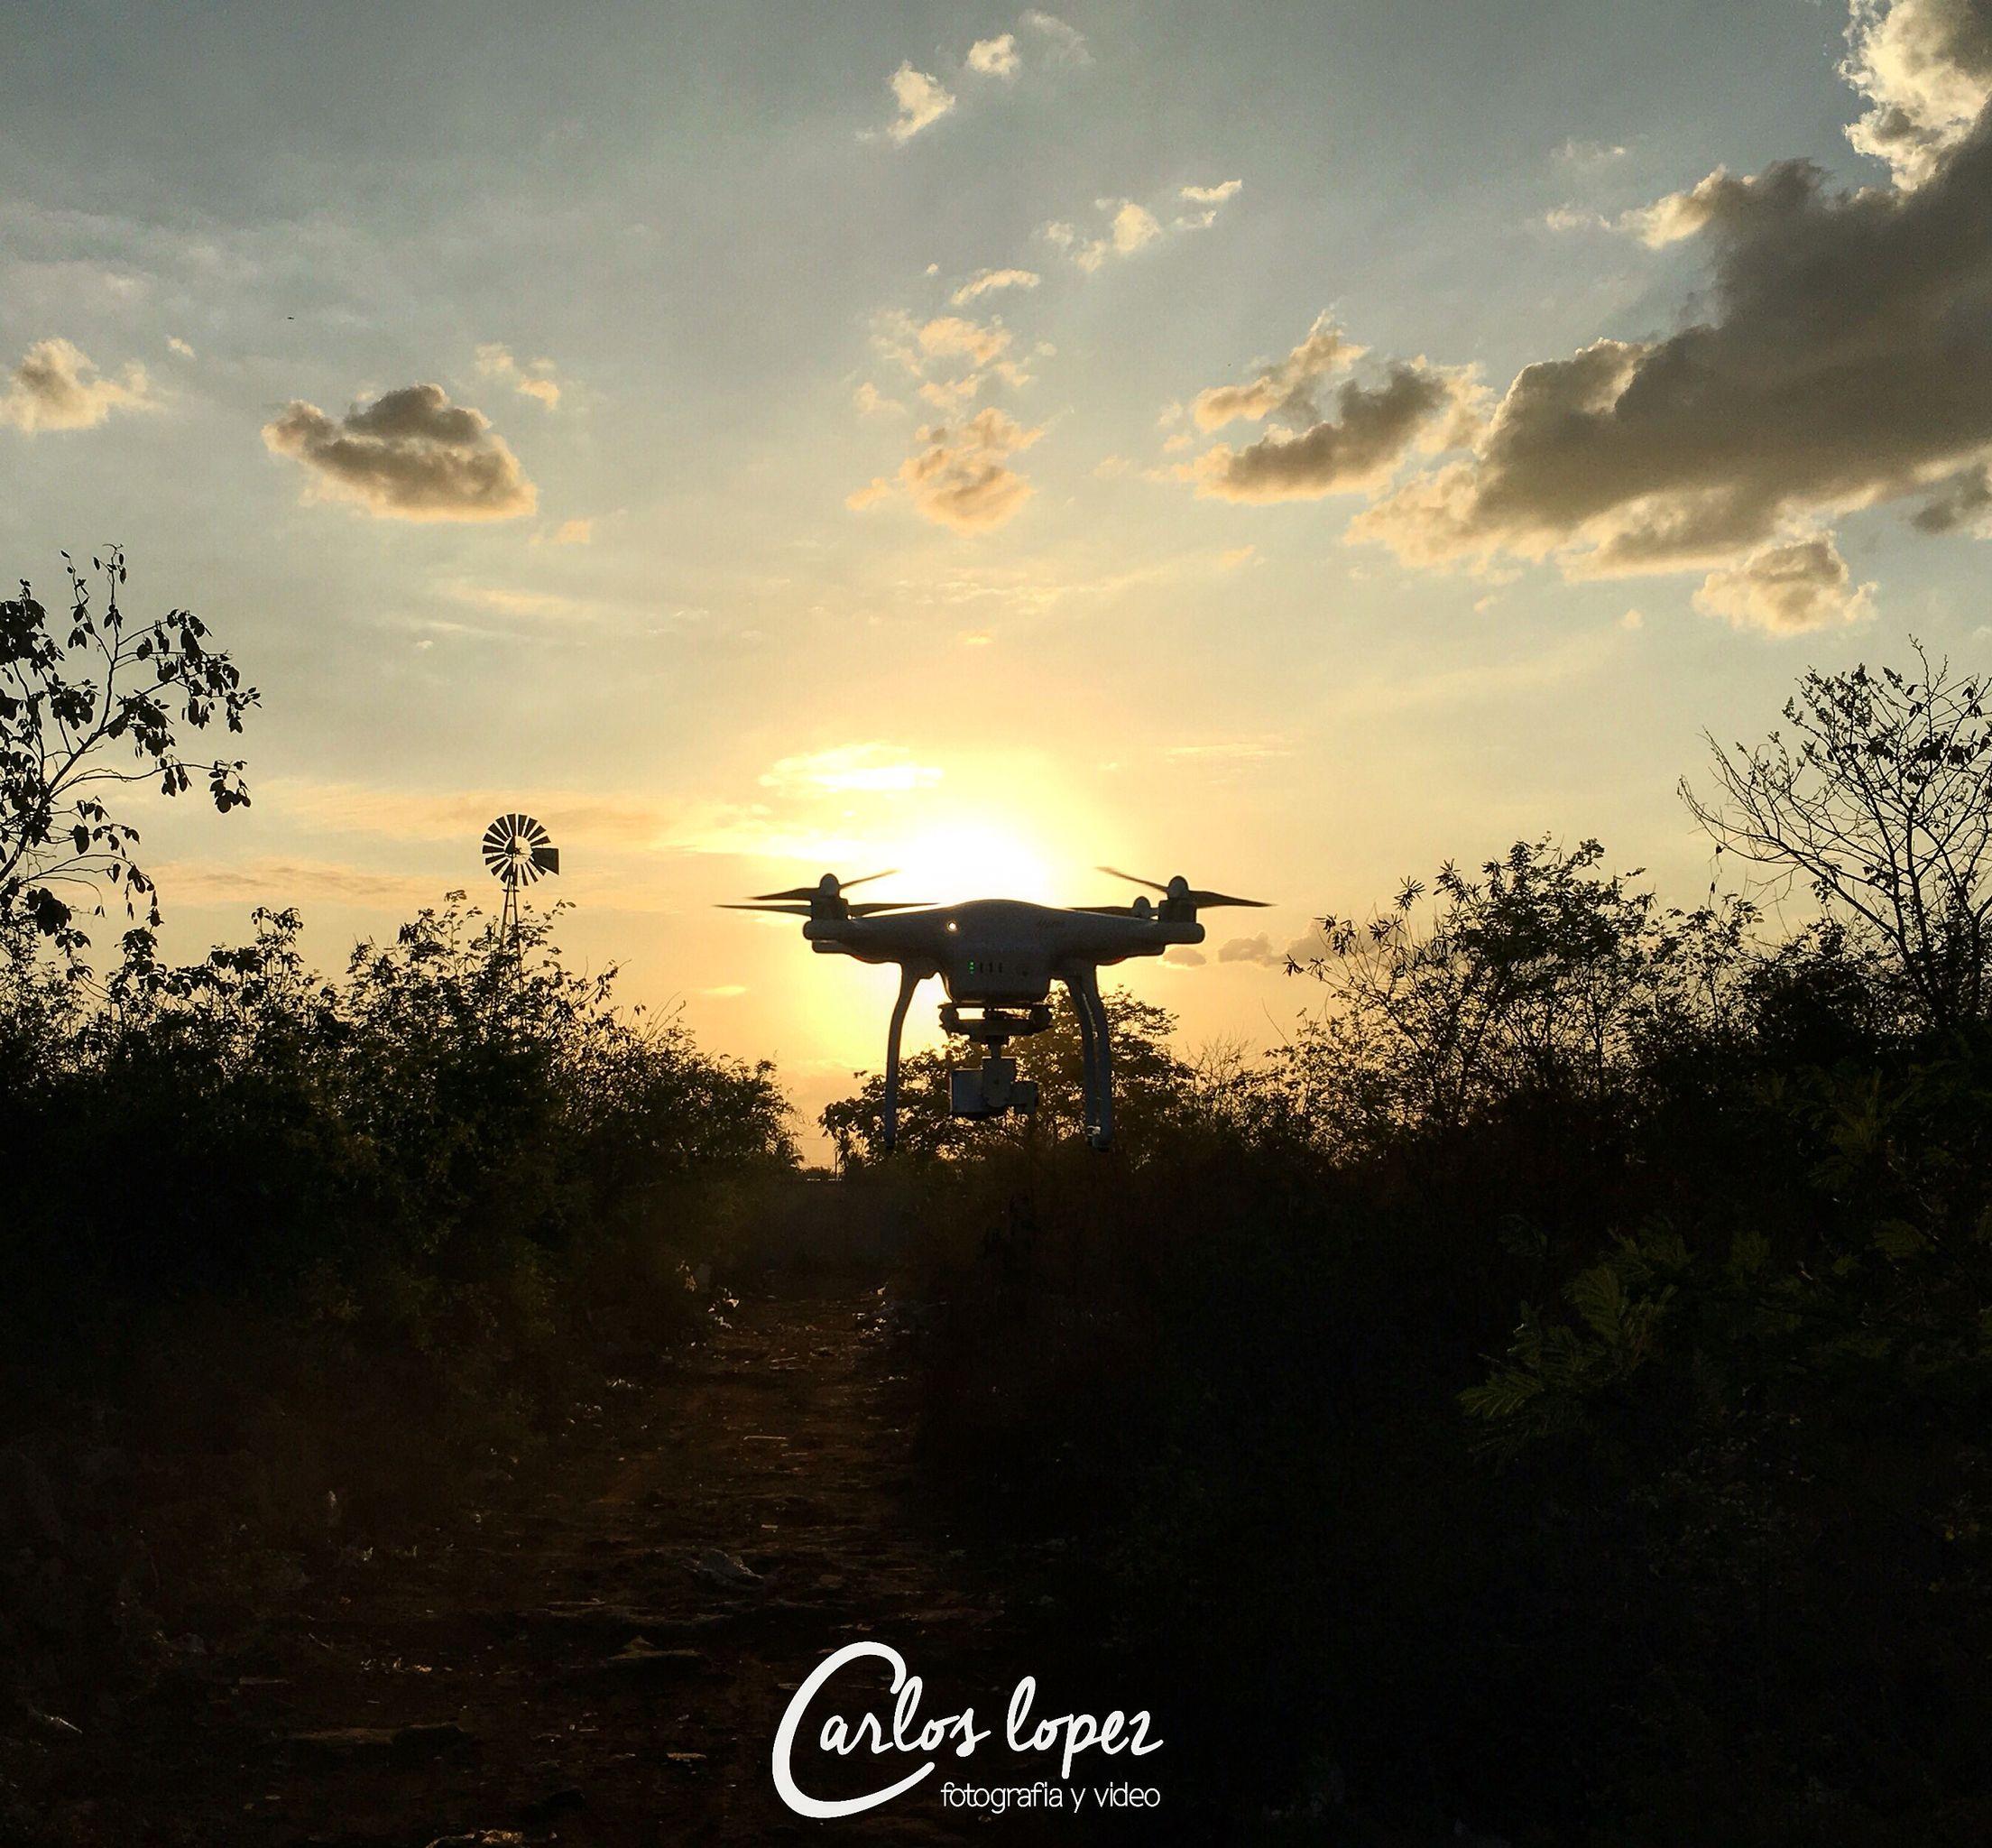 Siempre habrá un nuevo horizonte por descubrir. #Drone #Fly